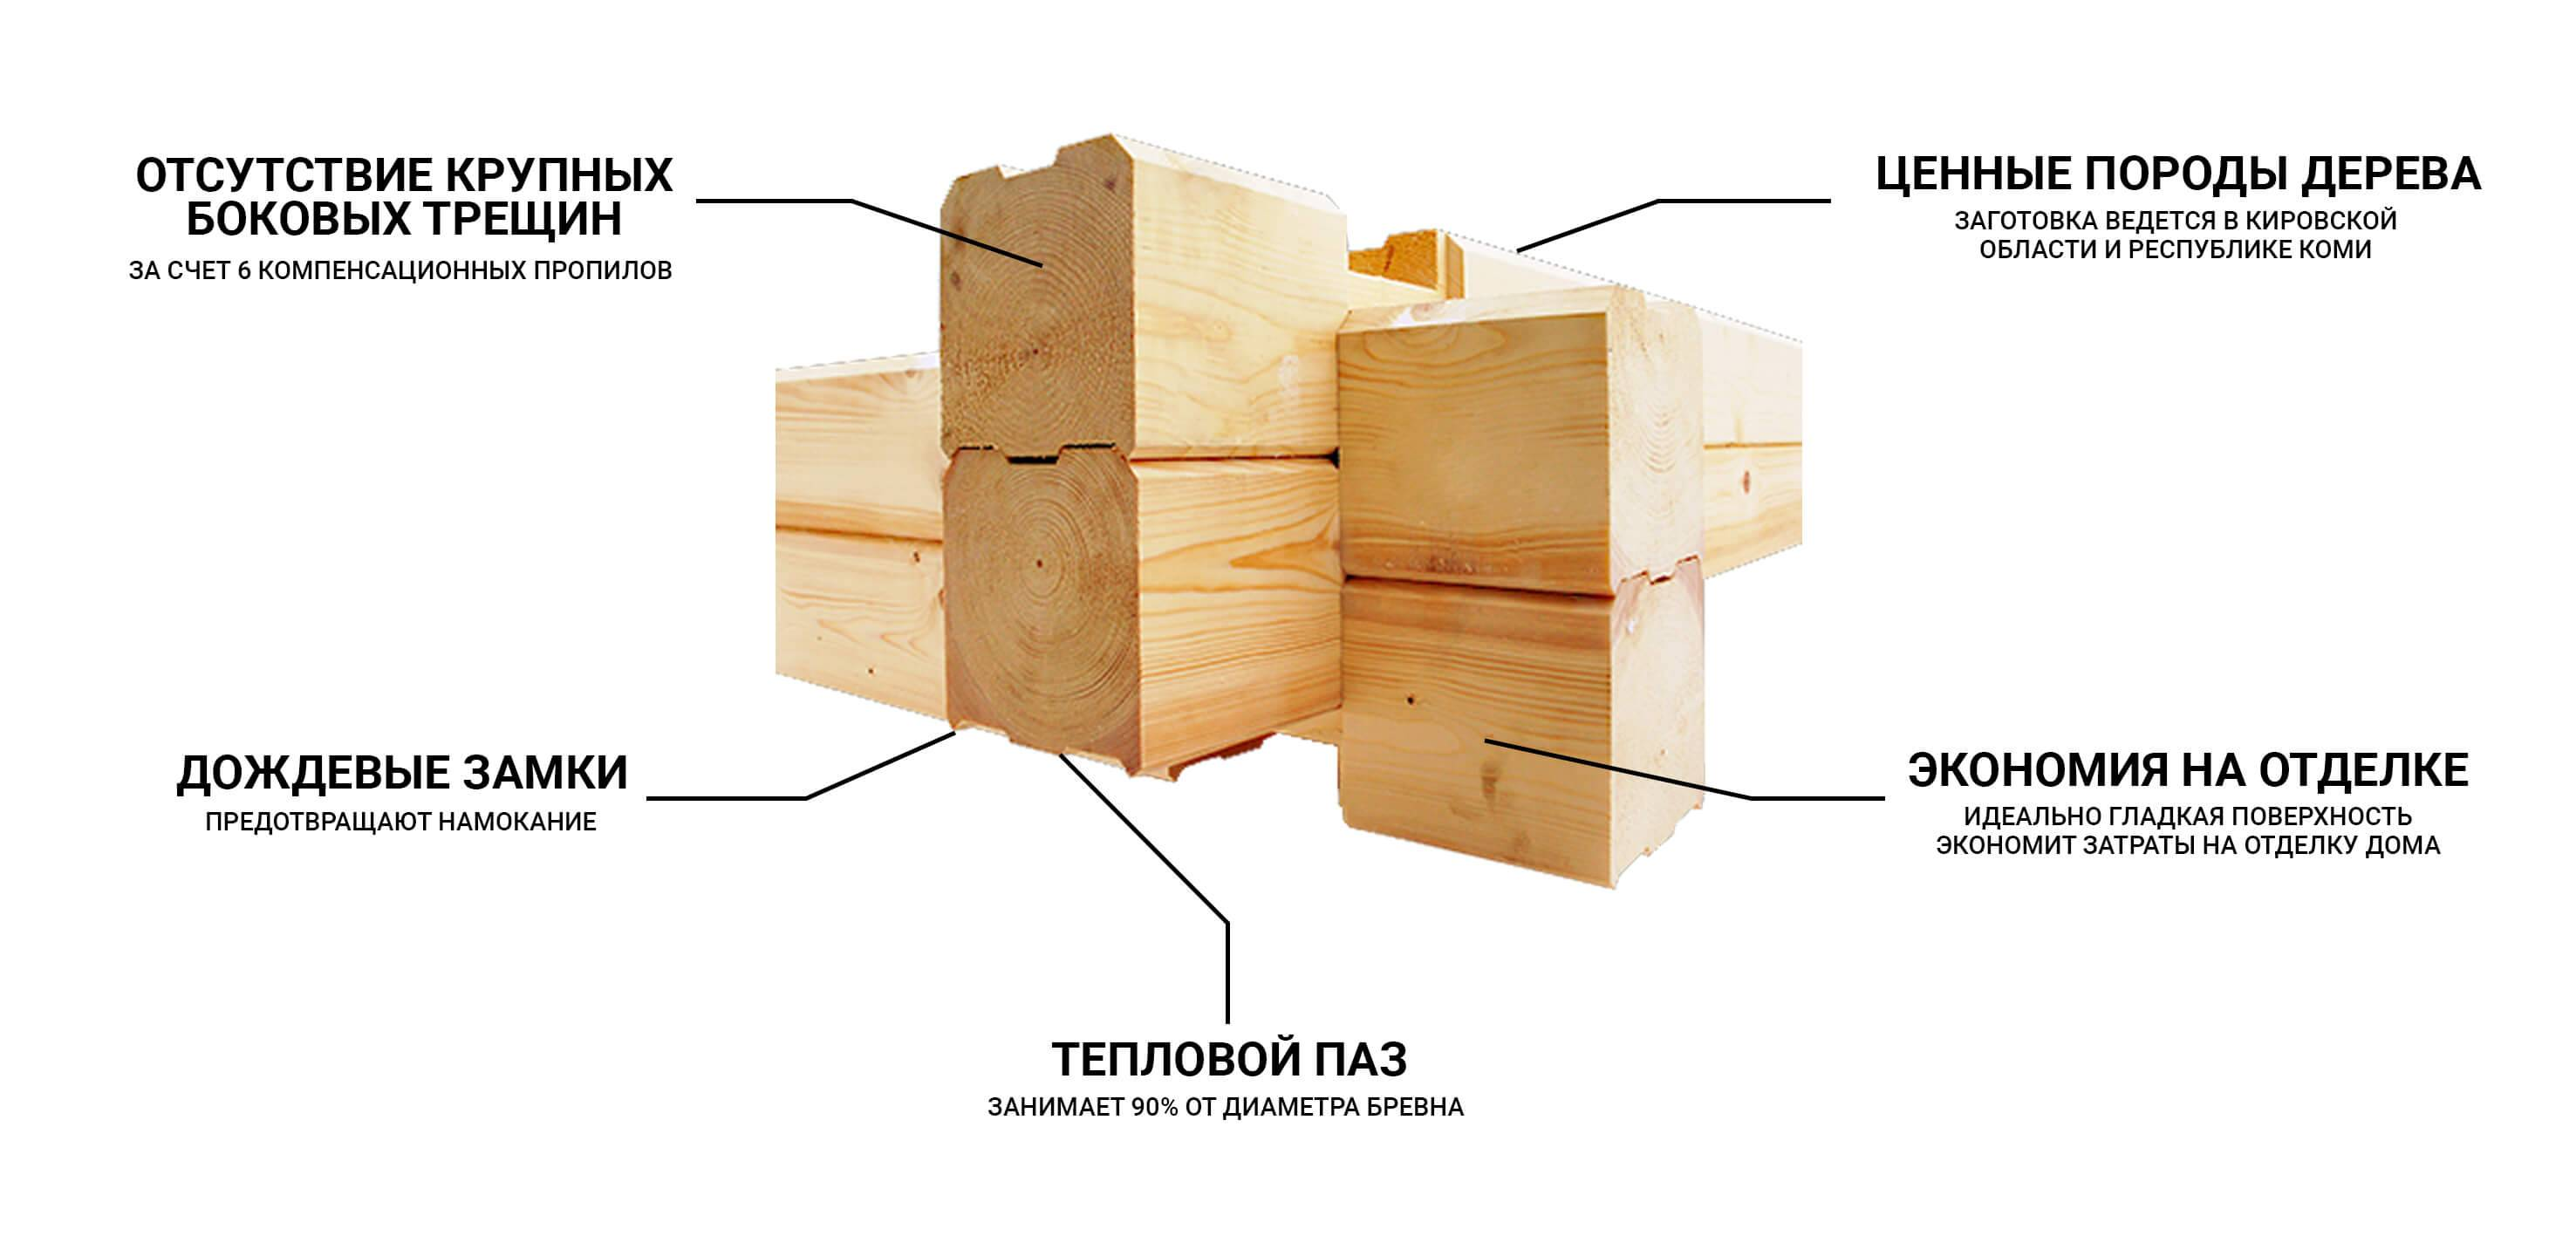 Дом из дерева - что лучше брус или бревно для постройки